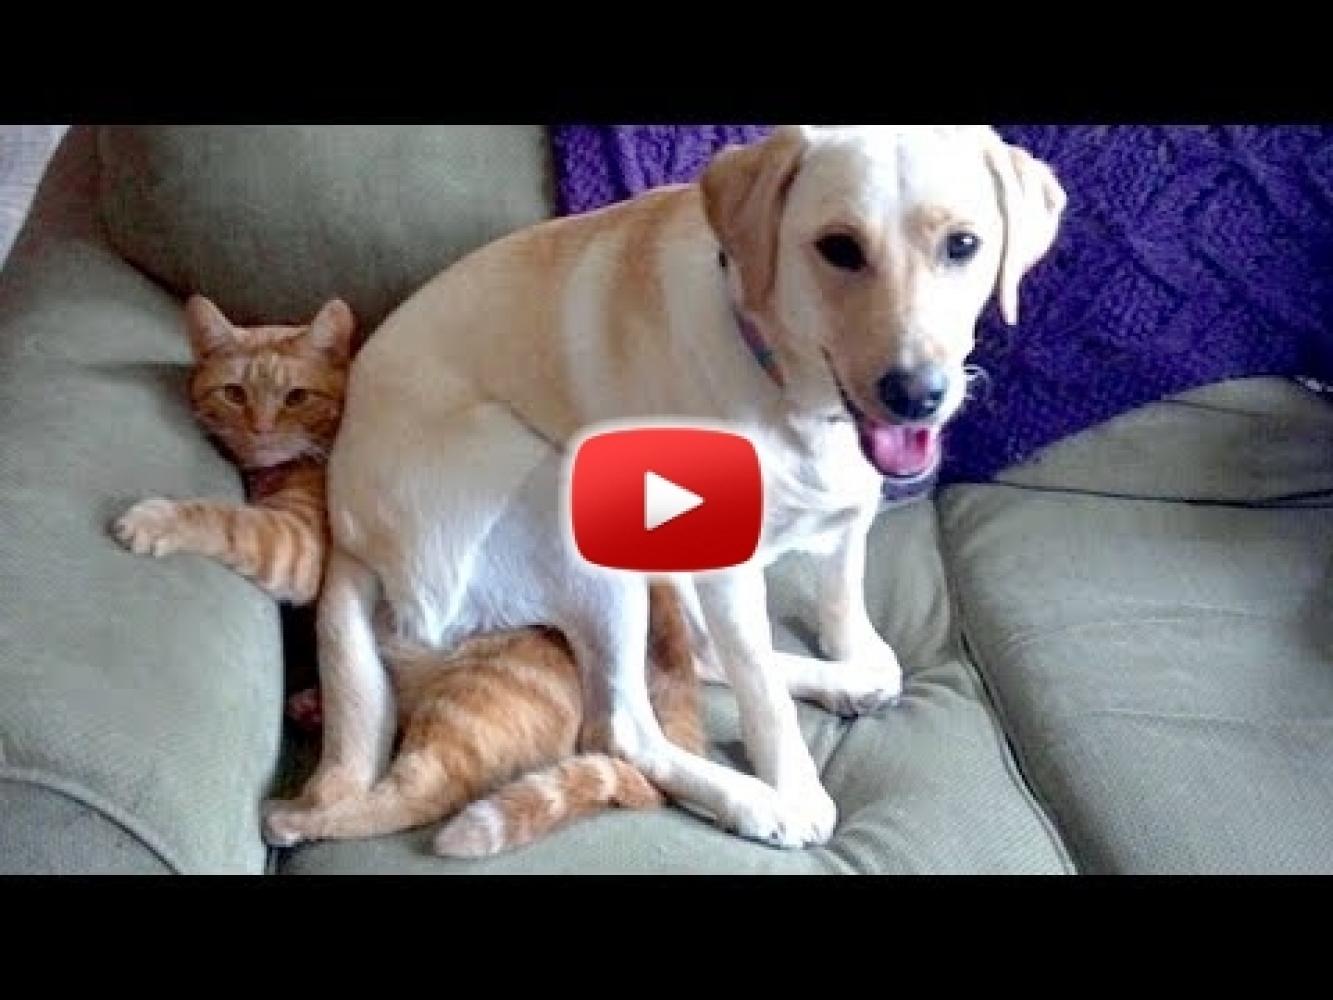 Humormagazin - Vicces állat videók - photo#46